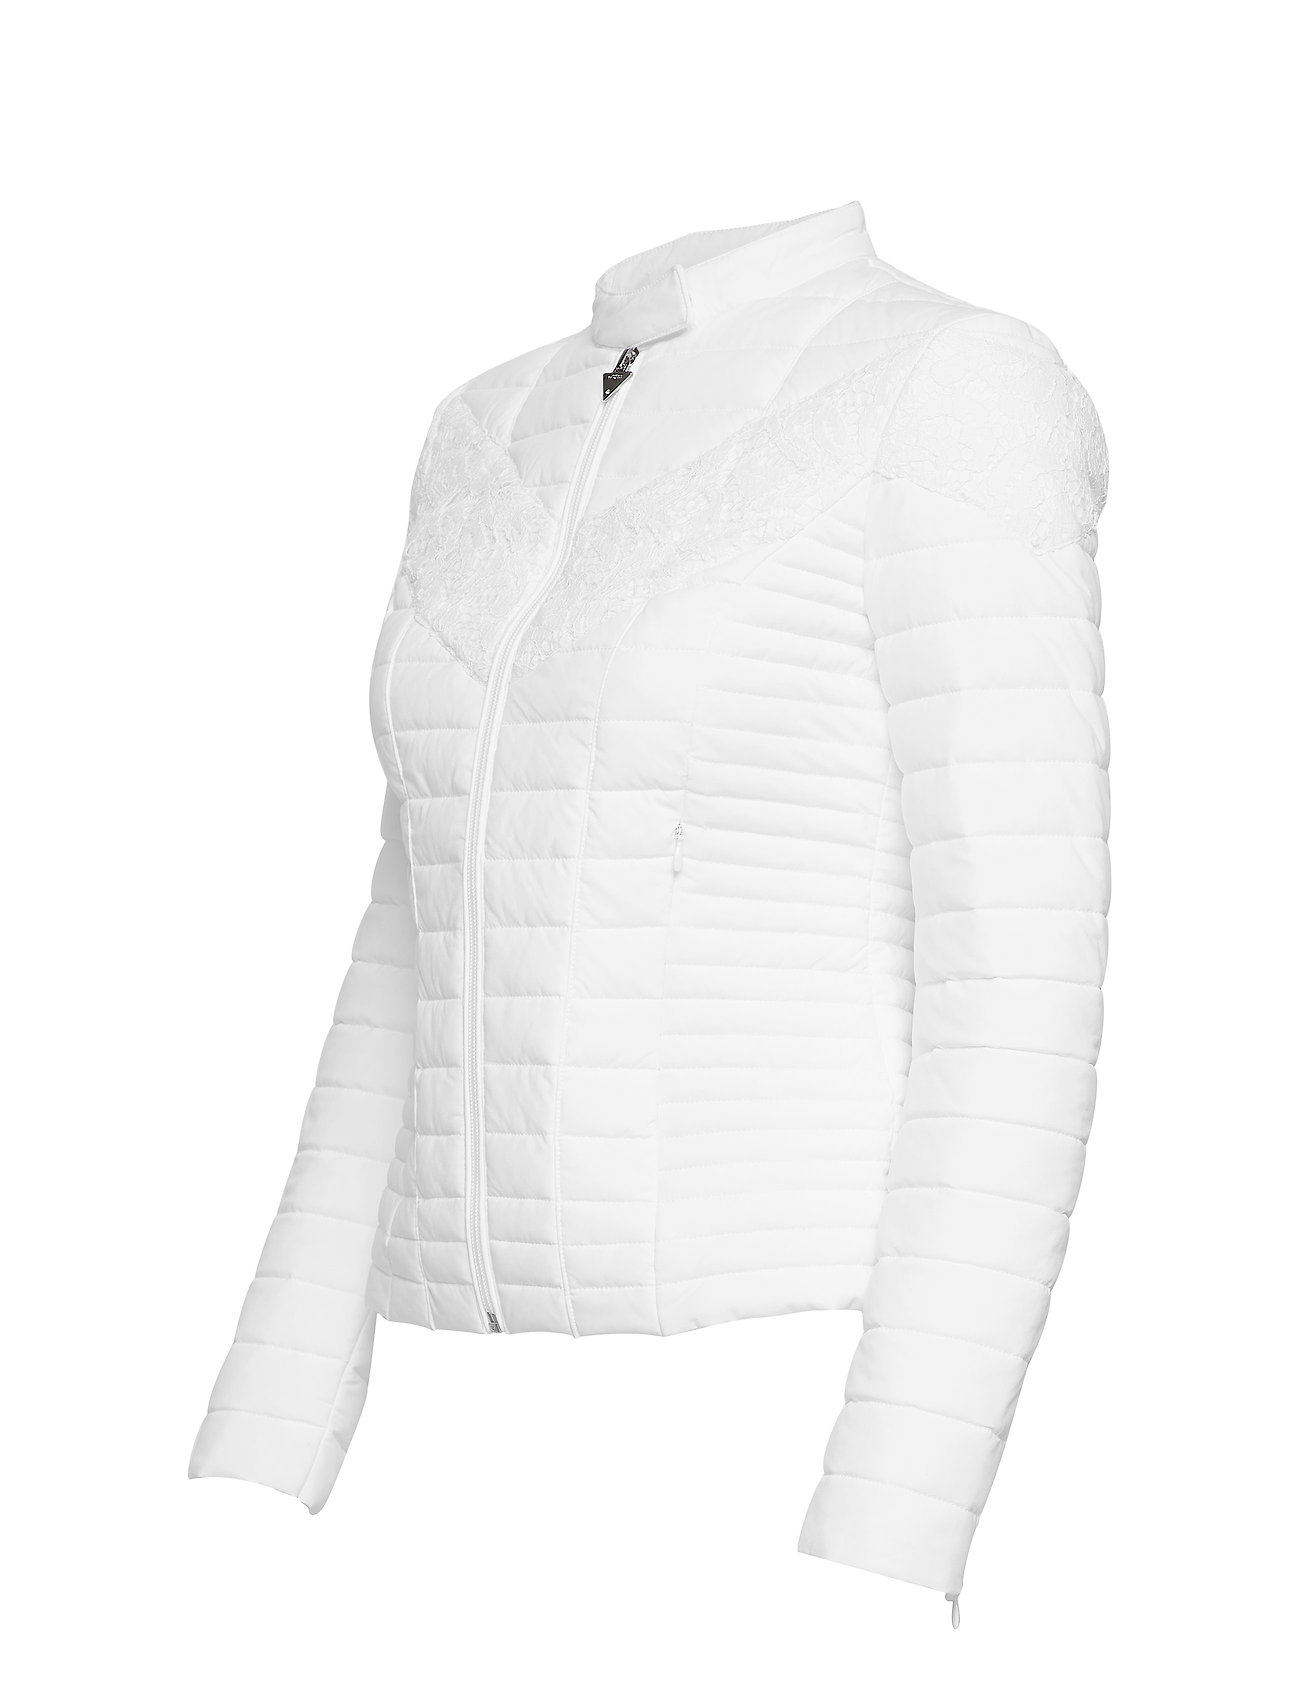 White A000Guess White Jeans Vona Jackettrue Vona A000Guess Vona Jackettrue White Jackettrue Jeans TOkZiuPX